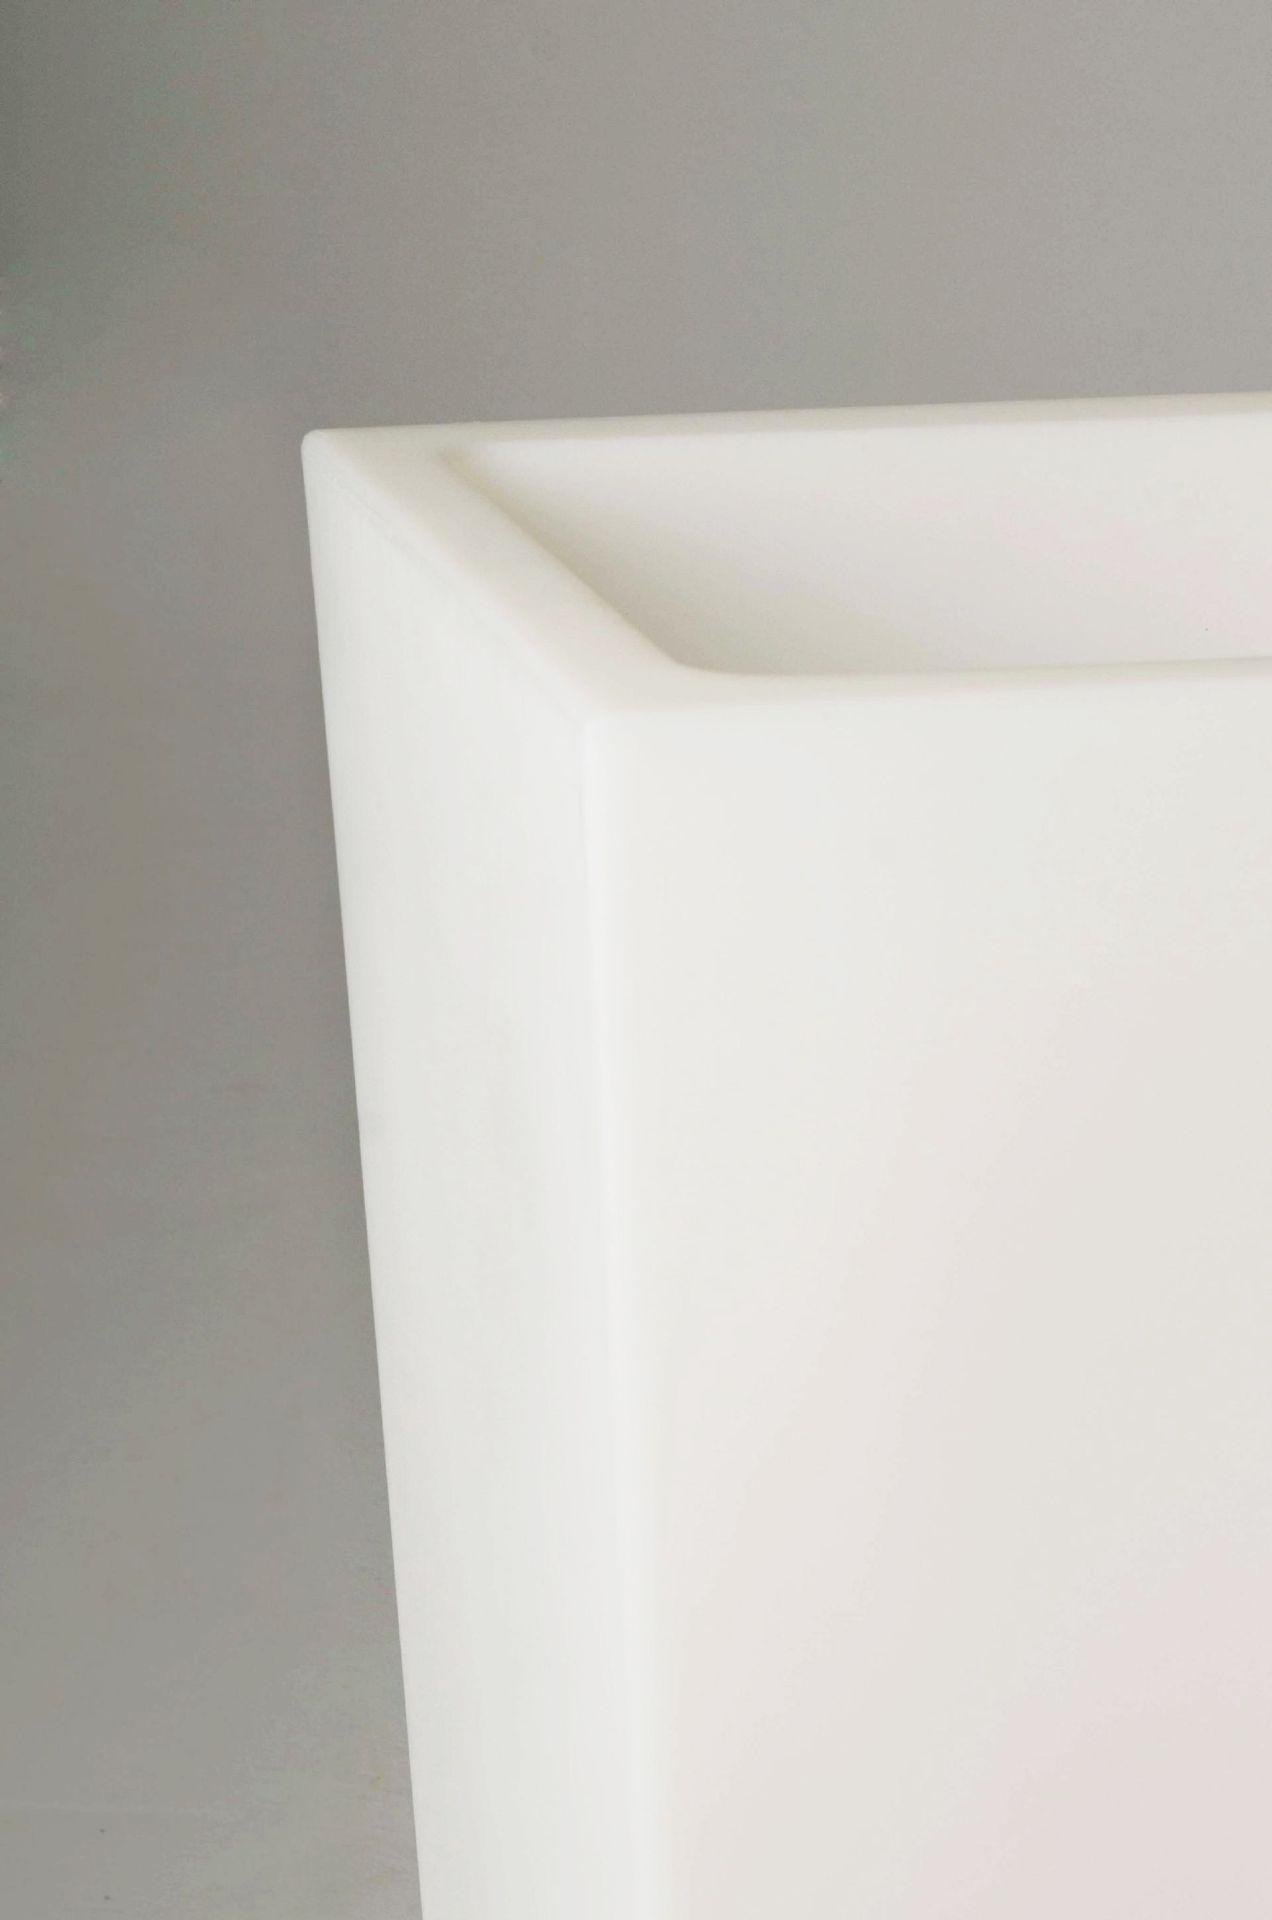 pflanzk bel blumenk bel classic kunststoff beleuchtet 90 cm wei ebay. Black Bedroom Furniture Sets. Home Design Ideas